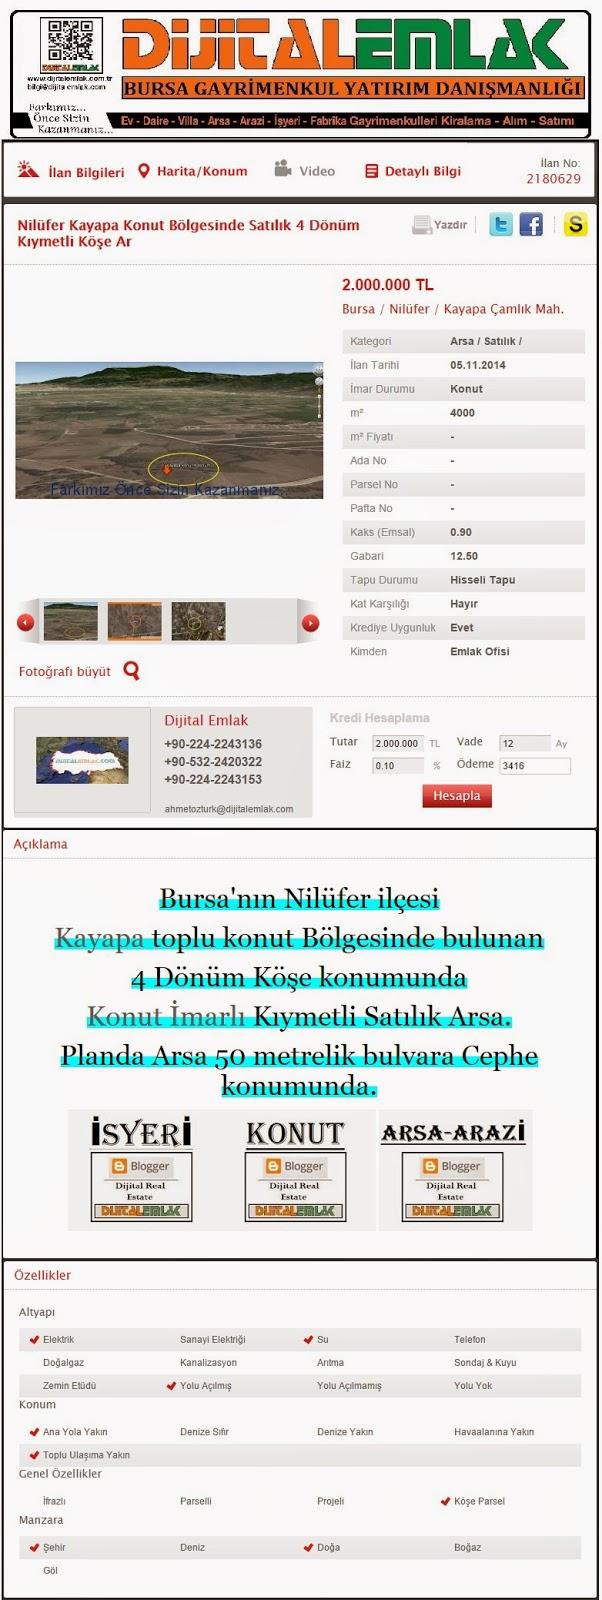 http://www.dijitalemlak.com.tr/ilan/2180629_nilufer-kayapa-konut-bolgesinde-satilik-4-donum-kiymetli-kose-ar.html